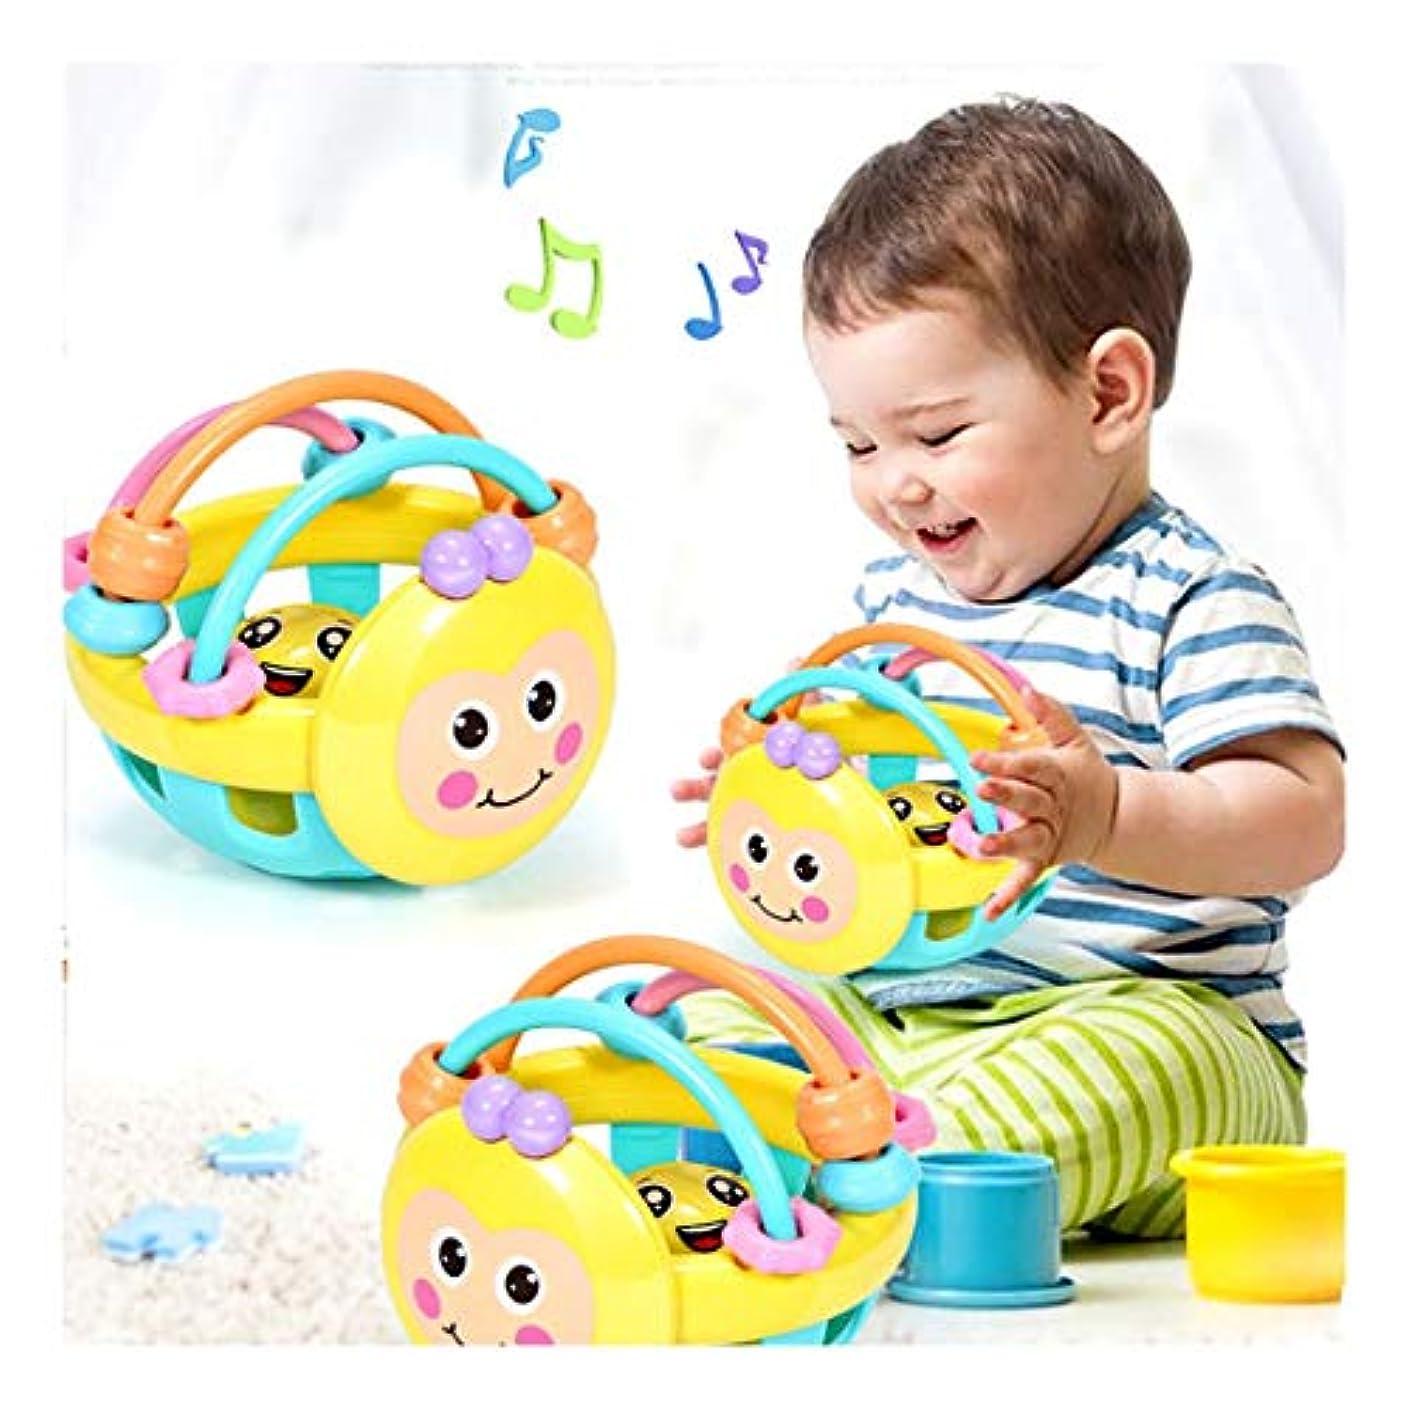 神学校集中的な商人Lumumi ソフトベビーラトルおもちゃ 幼児ベルラトルボールおもちゃ プラスチックハンドベル